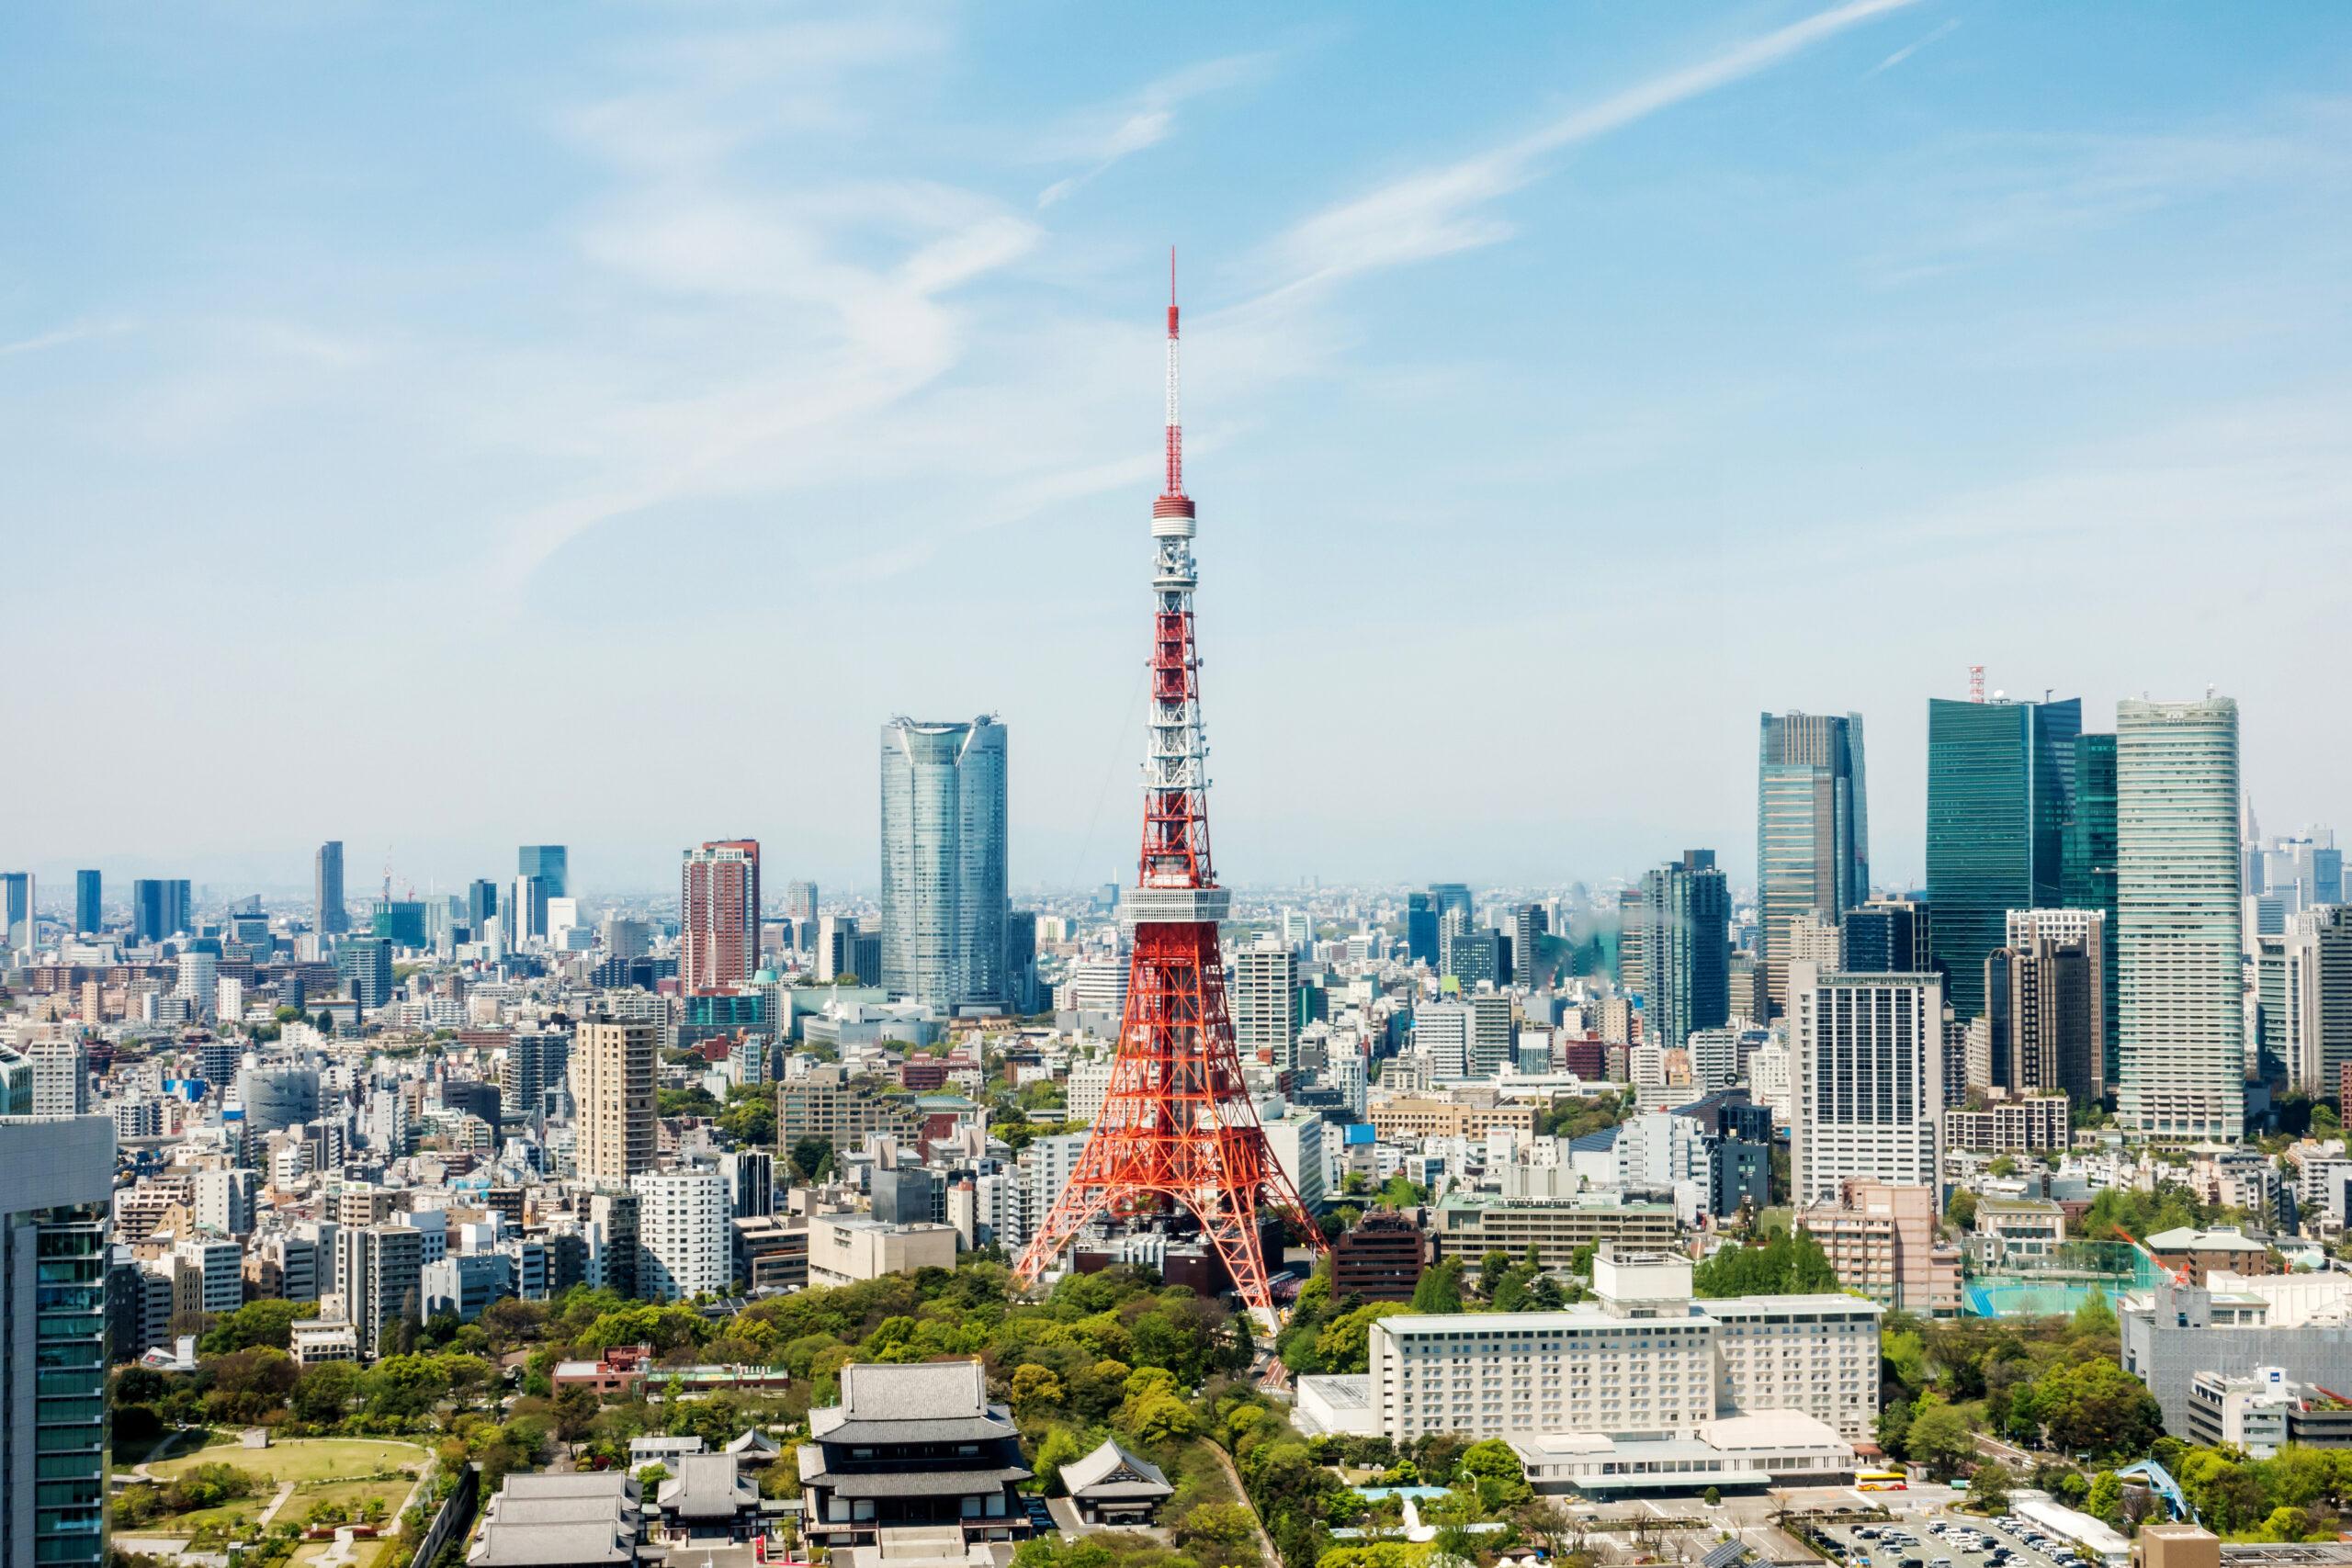 ようこそ東京へ